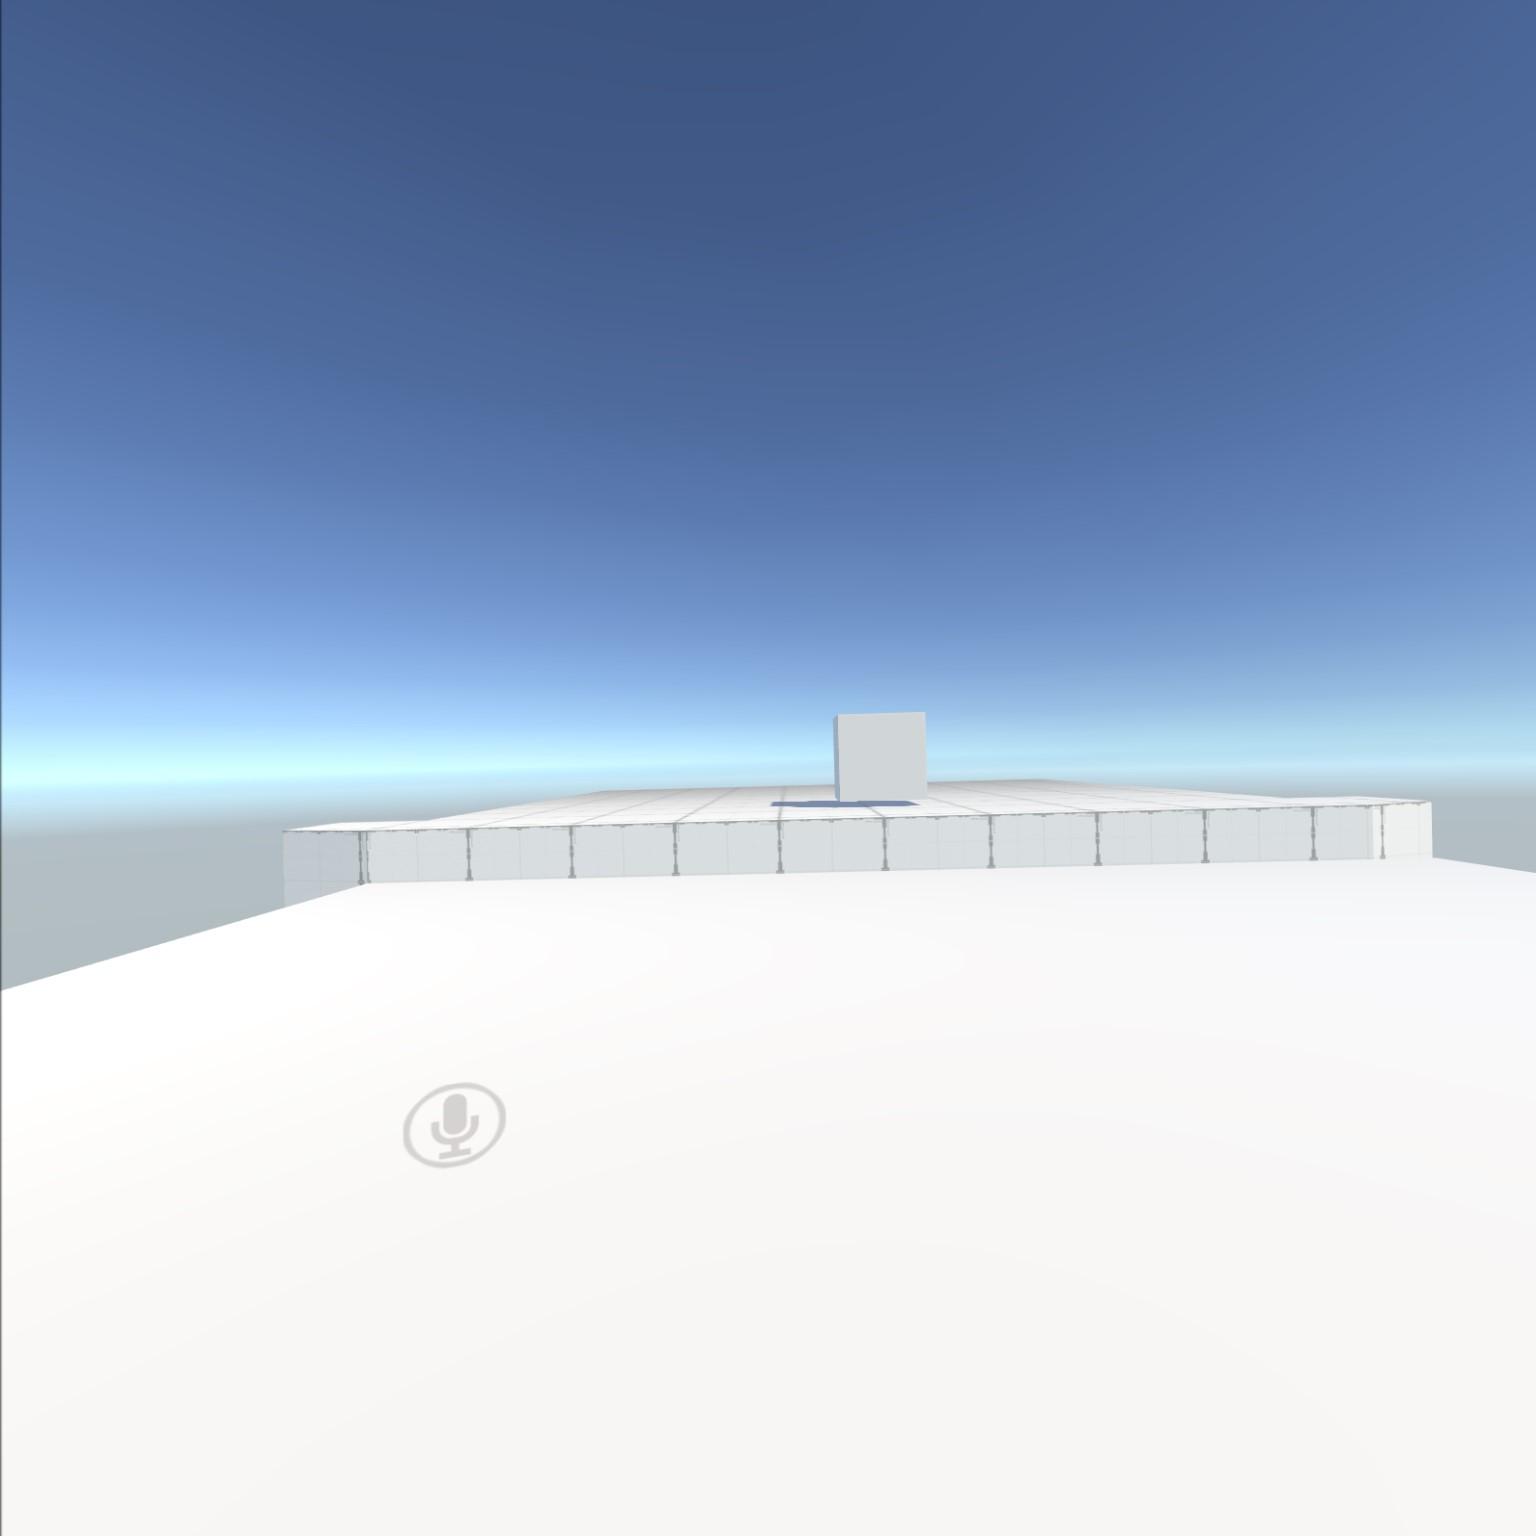 OculusScreenshot1581330639.jpeg